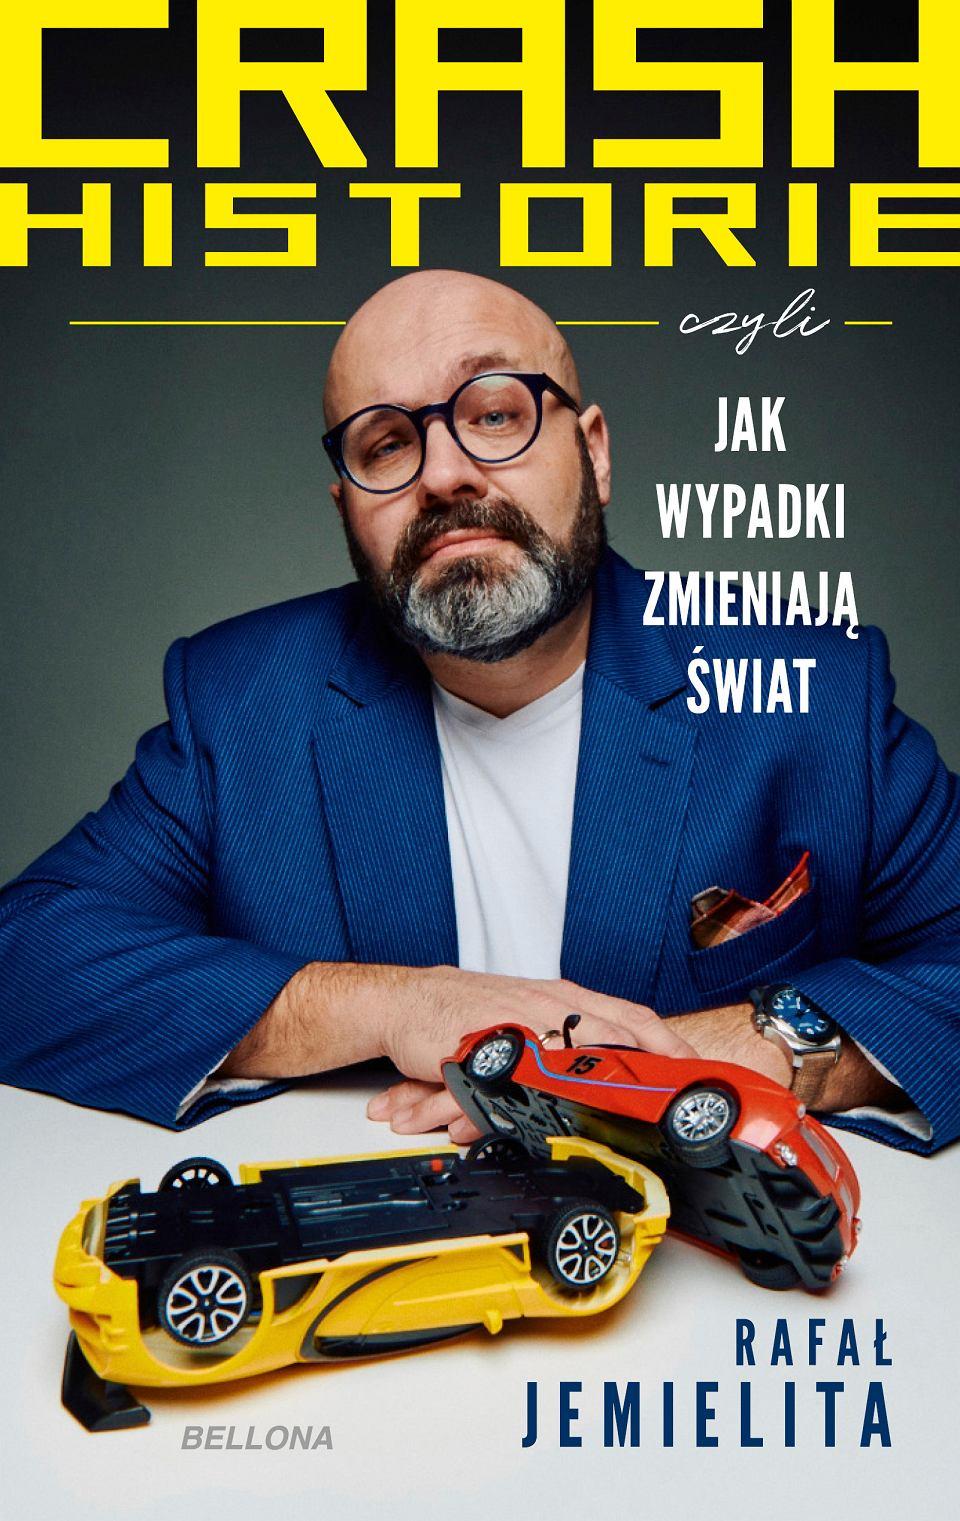 Rafał Jemielita Crash Historie